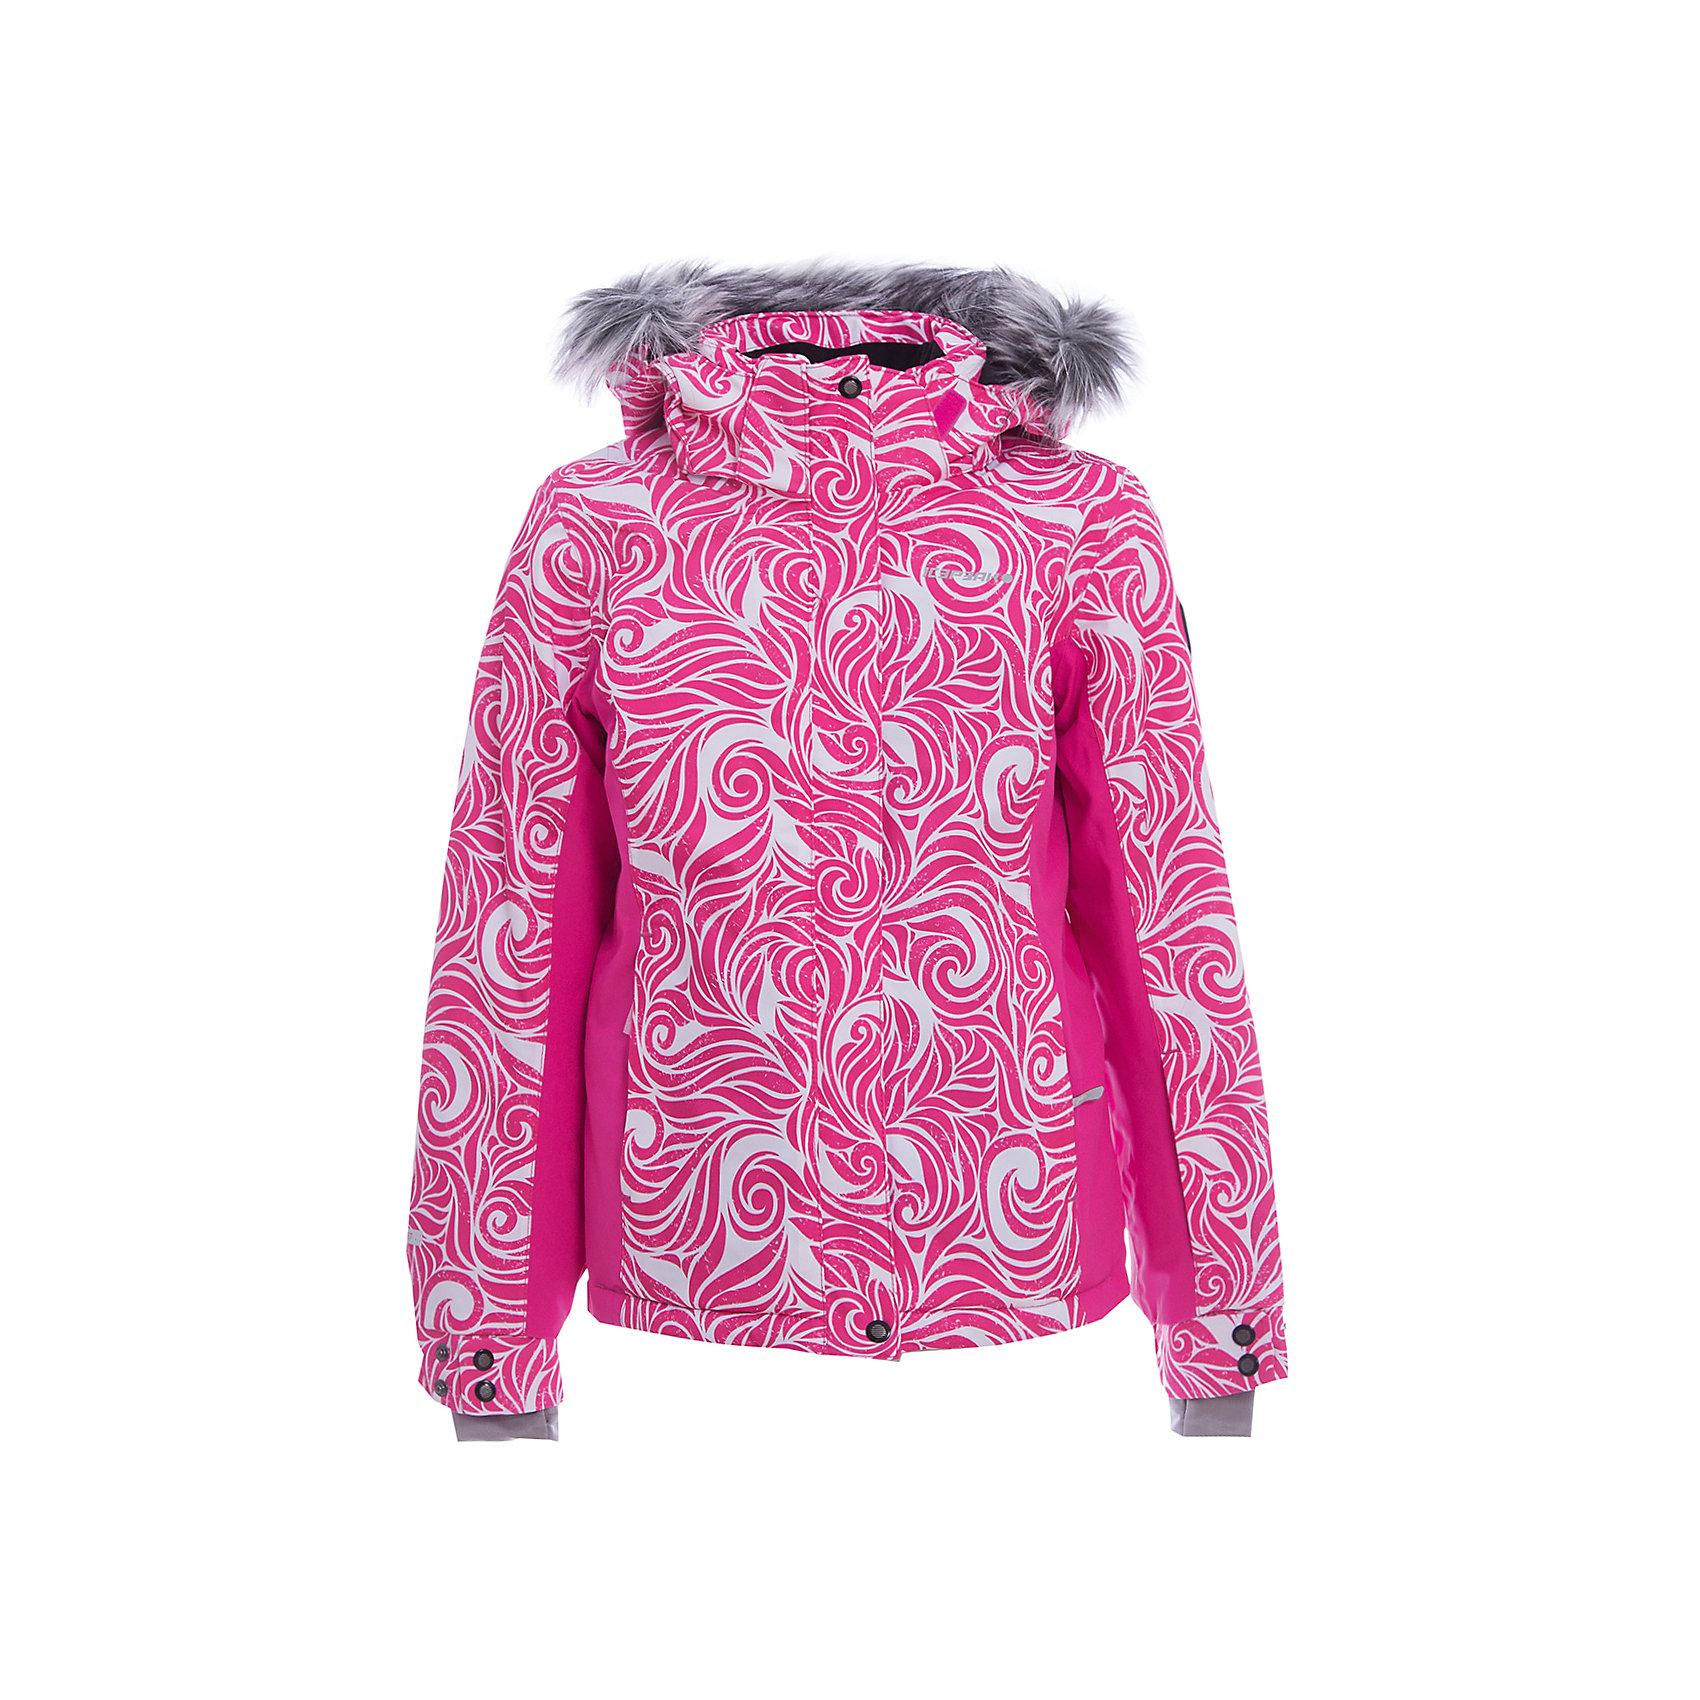 Куртка для девочки ICEPEAKОдежда<br>Куртка для девочки от известного бренда ICEPEAK.<br>Куртка с отстегивающимся капюшоном, принт, капюшон с искусственным мехом, принт, ткань стрейч, молния закрыта планкой, сформированный локоть, утяжка в нижней части куртки, снегозащитная юбка, эластичный внутренний манжет с прорезью для пальца, регулируемый рукав на кнопках, утепленные и мягкие боковые карманы на молнии, мягкий и теплый внутренний воротник, карман для ski pass на рукаве, светоотражающие элементы, искусственный утеплитель Finnwad, утепление 160/140 гр., рекомендуемый температурный режим до -25 град.<br>Технологии:Icetech 5 000, 2-layer, 2-way stretch, Full Taped seams, Children's safety, Reflectors<br>Состав:<br>100% полиэстер<br><br>Ширина мм: 356<br>Глубина мм: 10<br>Высота мм: 245<br>Вес г: 519<br>Цвет: красный<br>Возраст от месяцев: 180<br>Возраст до месяцев: 192<br>Пол: Женский<br>Возраст: Детский<br>Размер: 176,128,140,152,164<br>SKU: 5414042